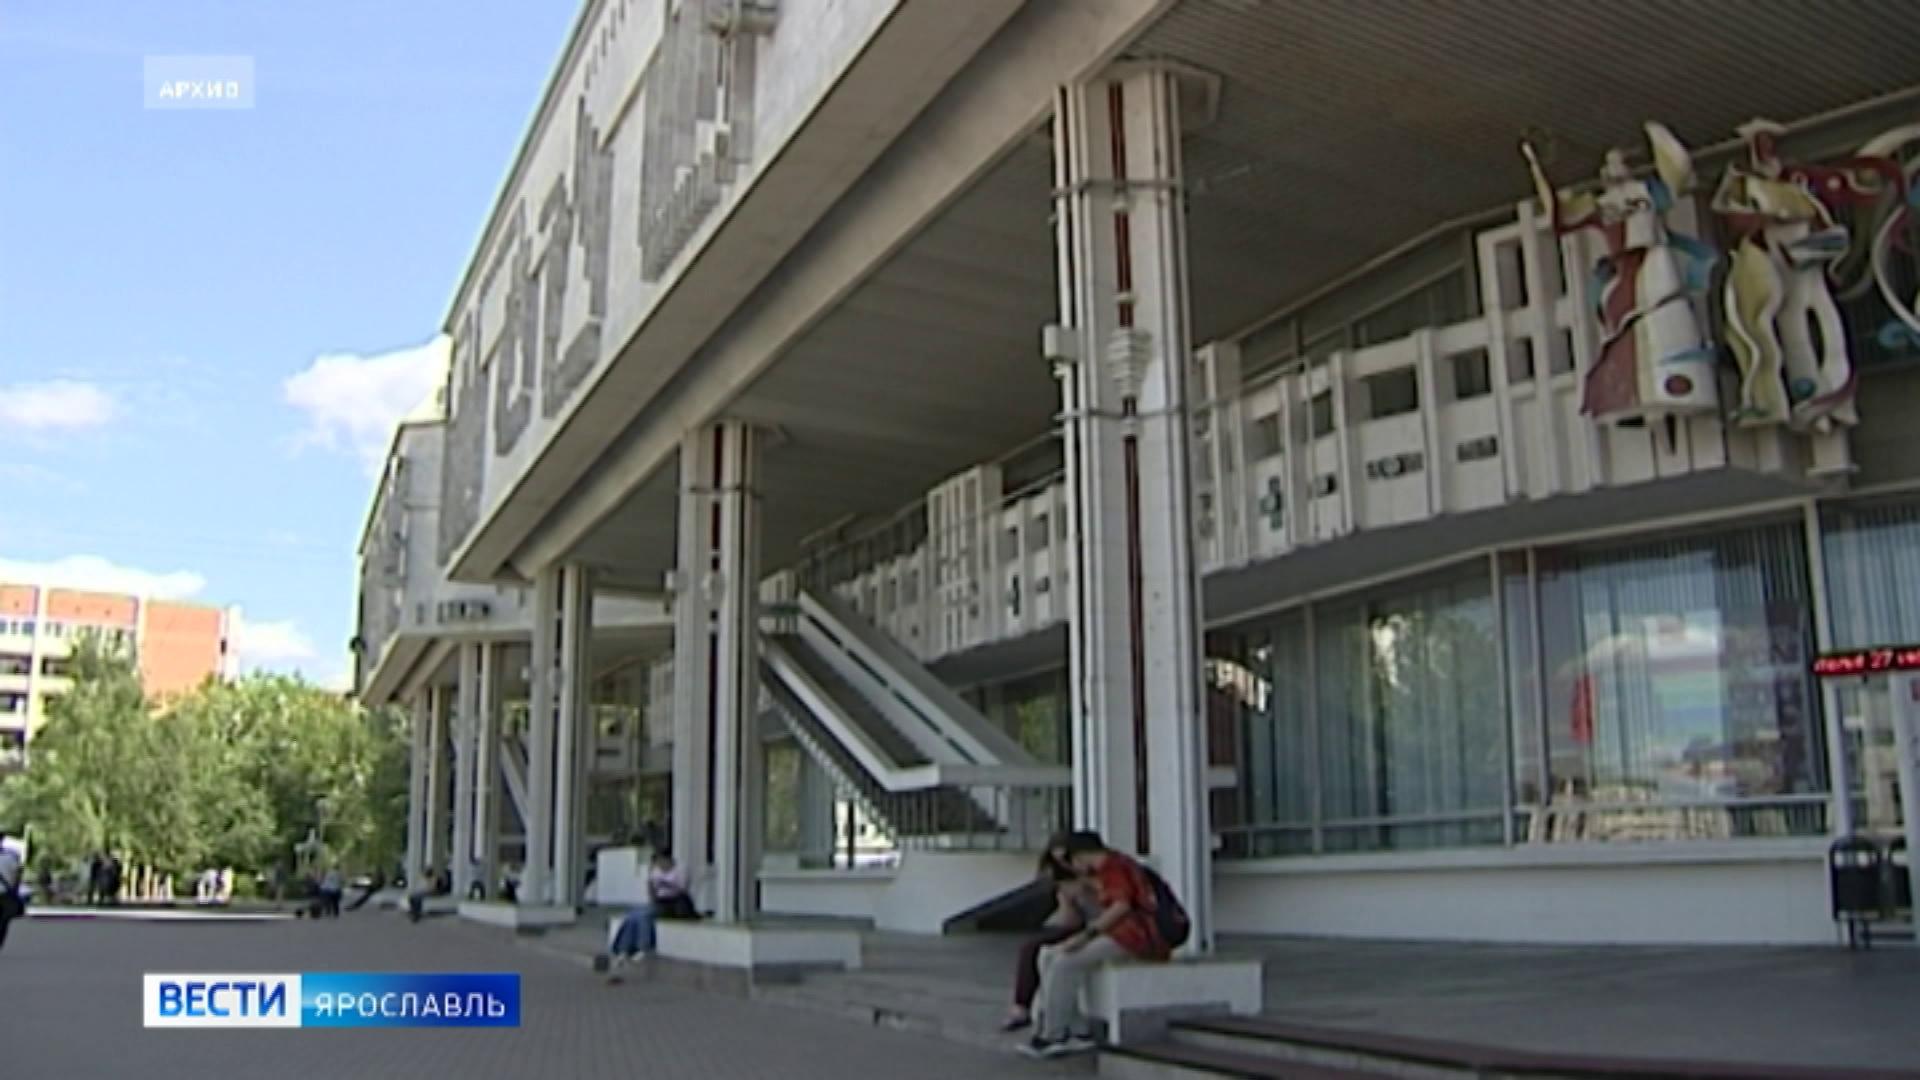 Кабмин утвердил правила возврата билетов на концерты и выставки